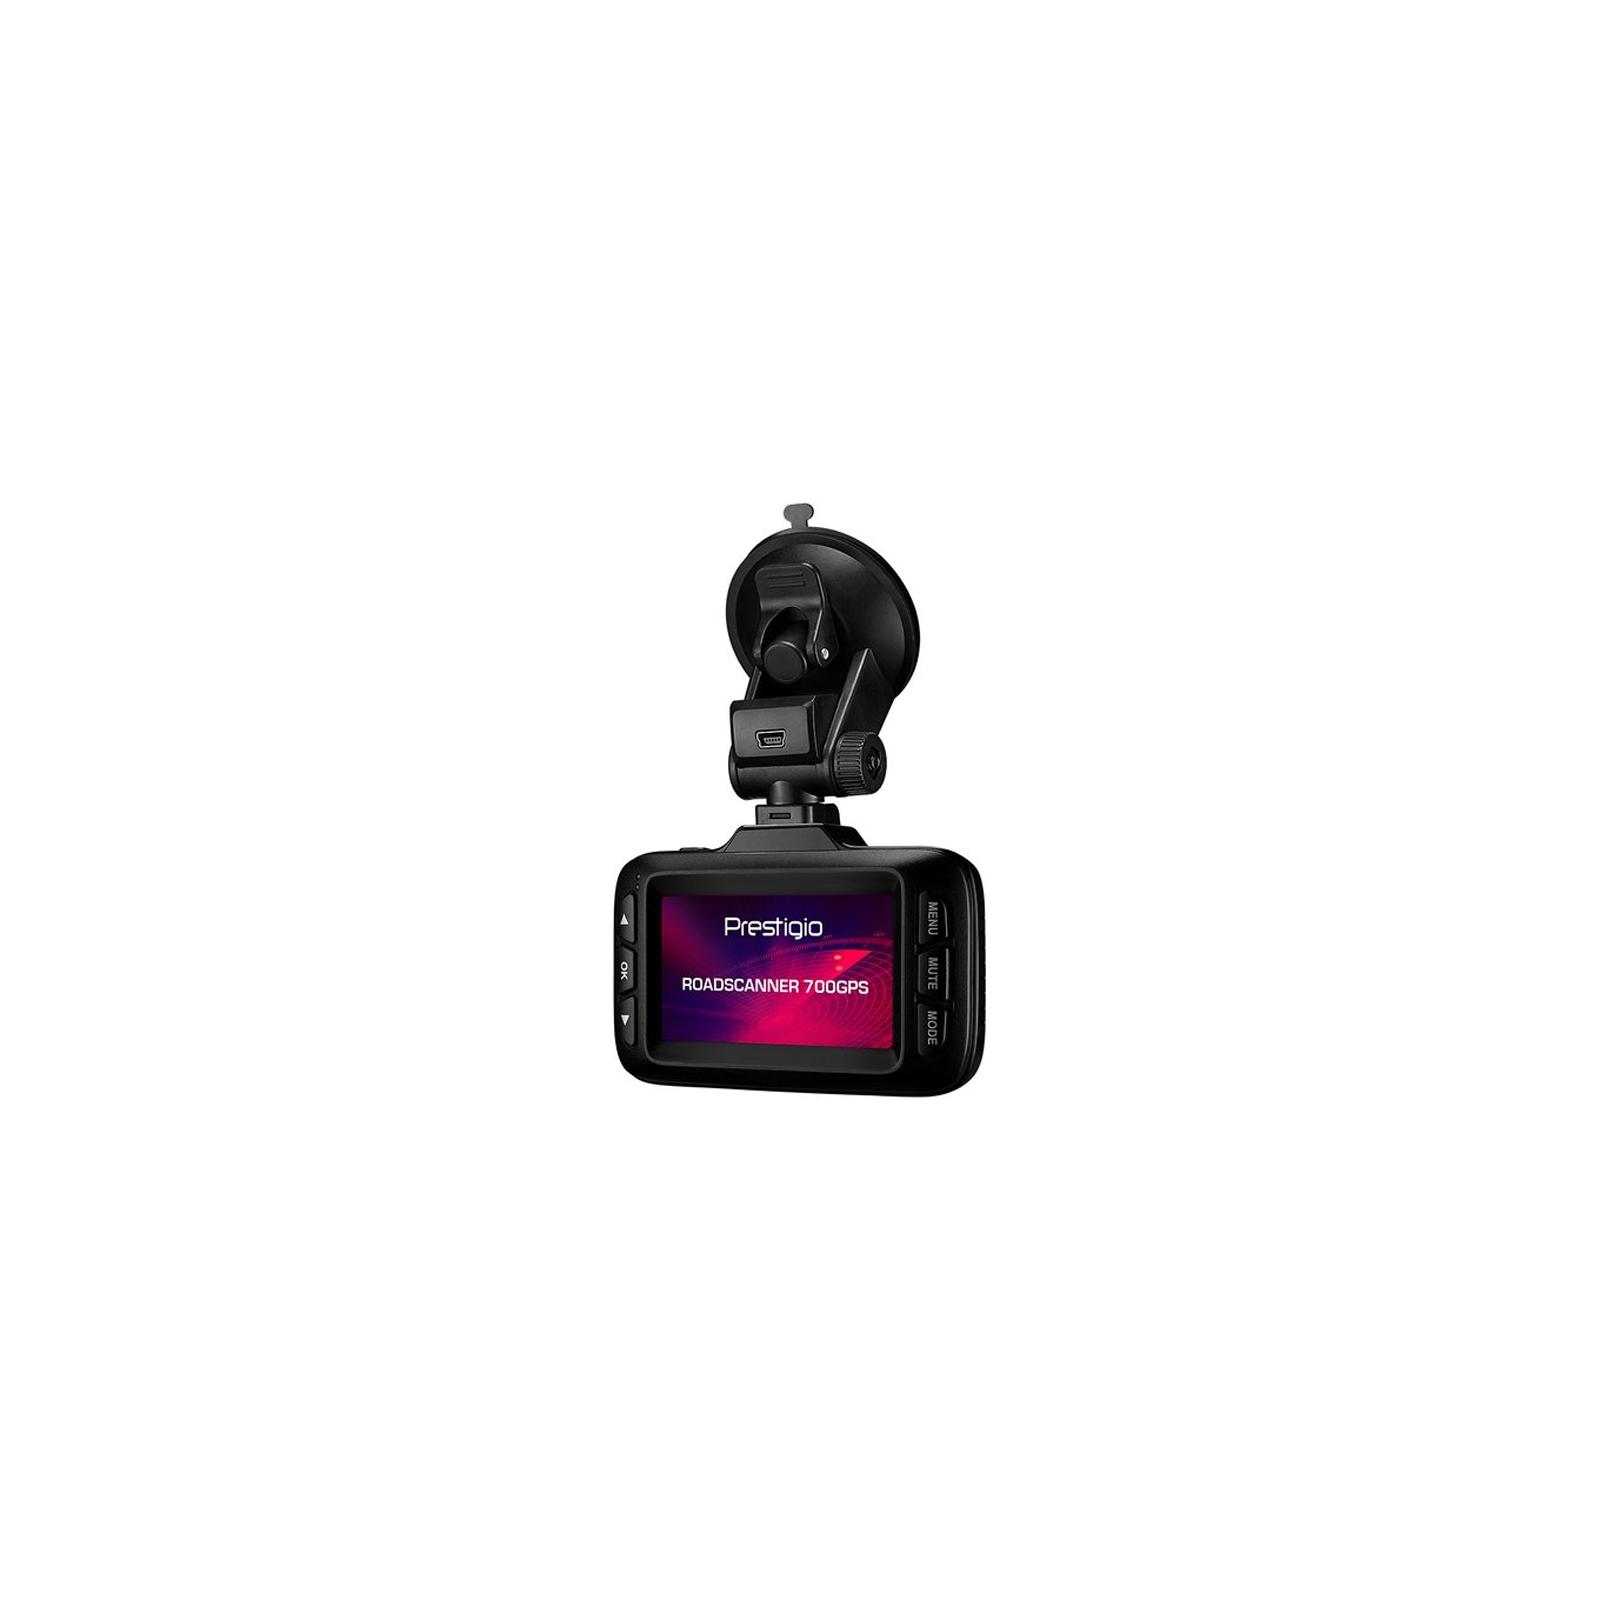 Видеорегистратор Prestigio RoadScanner 700GPS (PRS700GPS) изображение 5